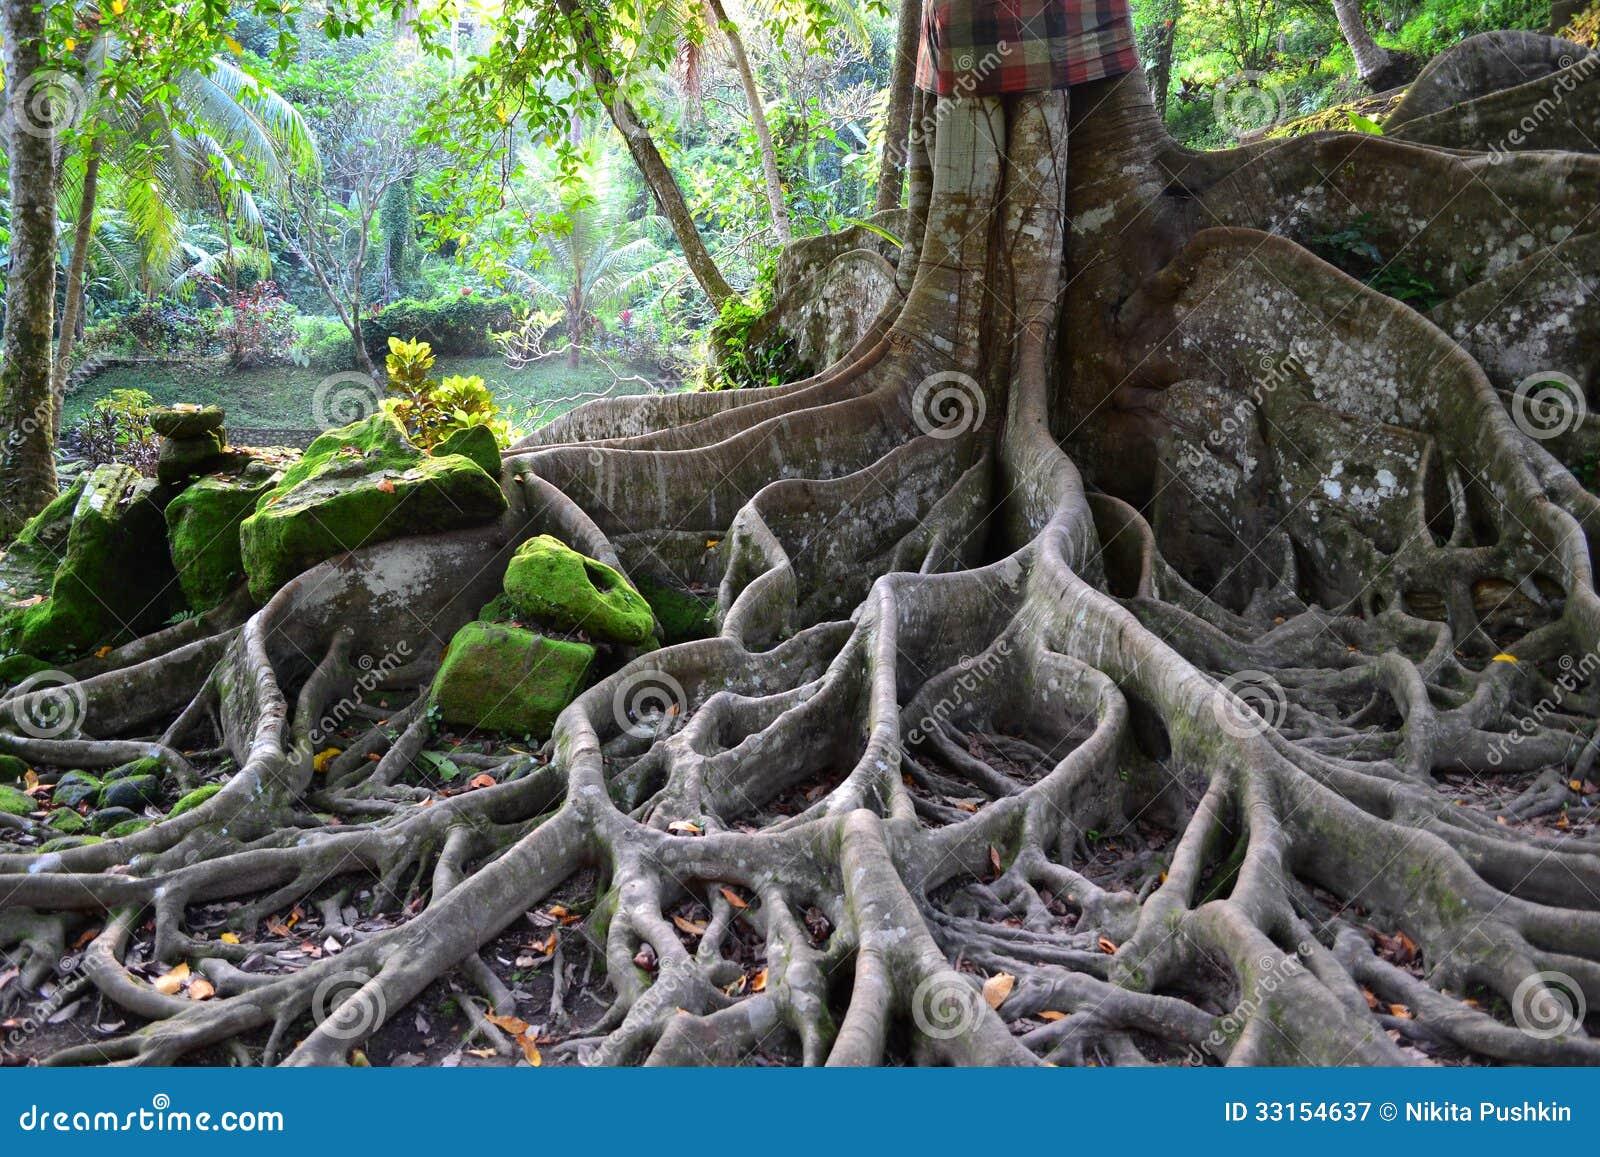 arbre peu commun avec de grandes racines image stock image du for t croissance 33154637. Black Bedroom Furniture Sets. Home Design Ideas